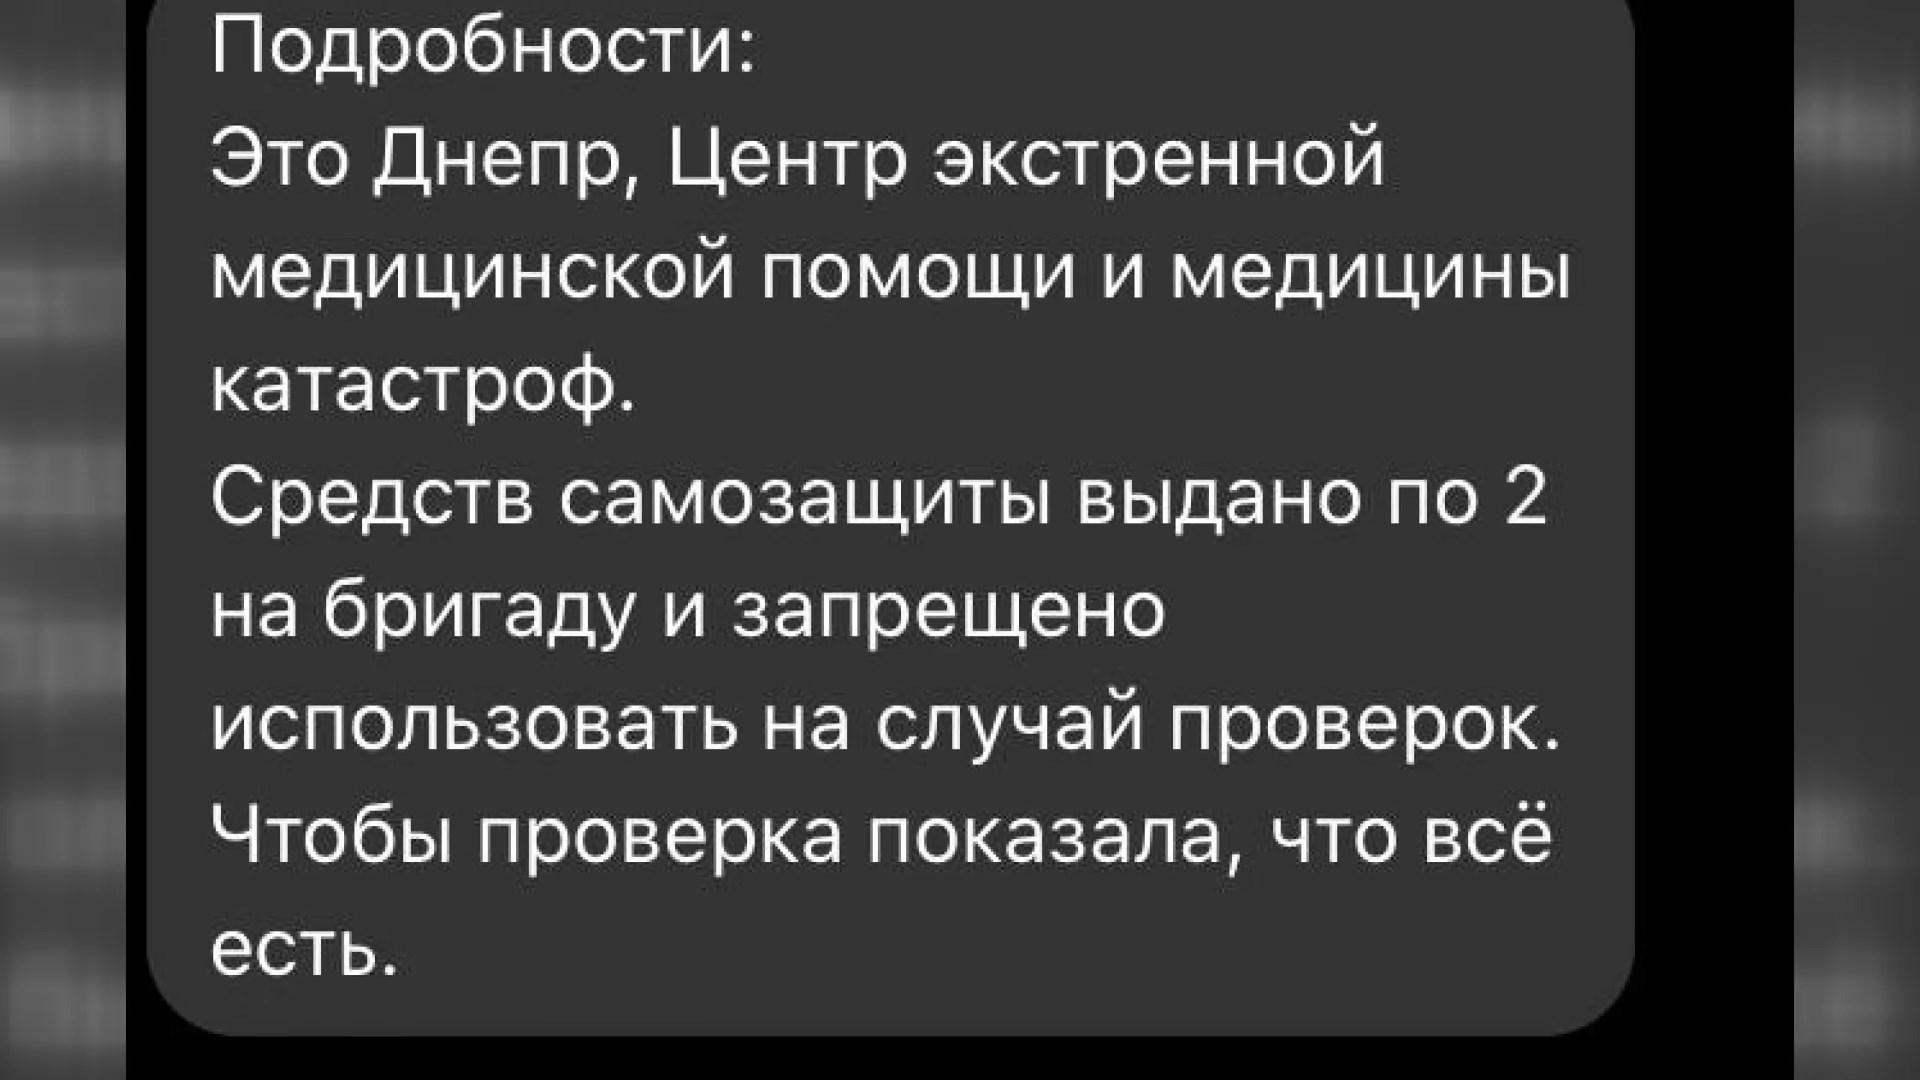 дніпро лікарі